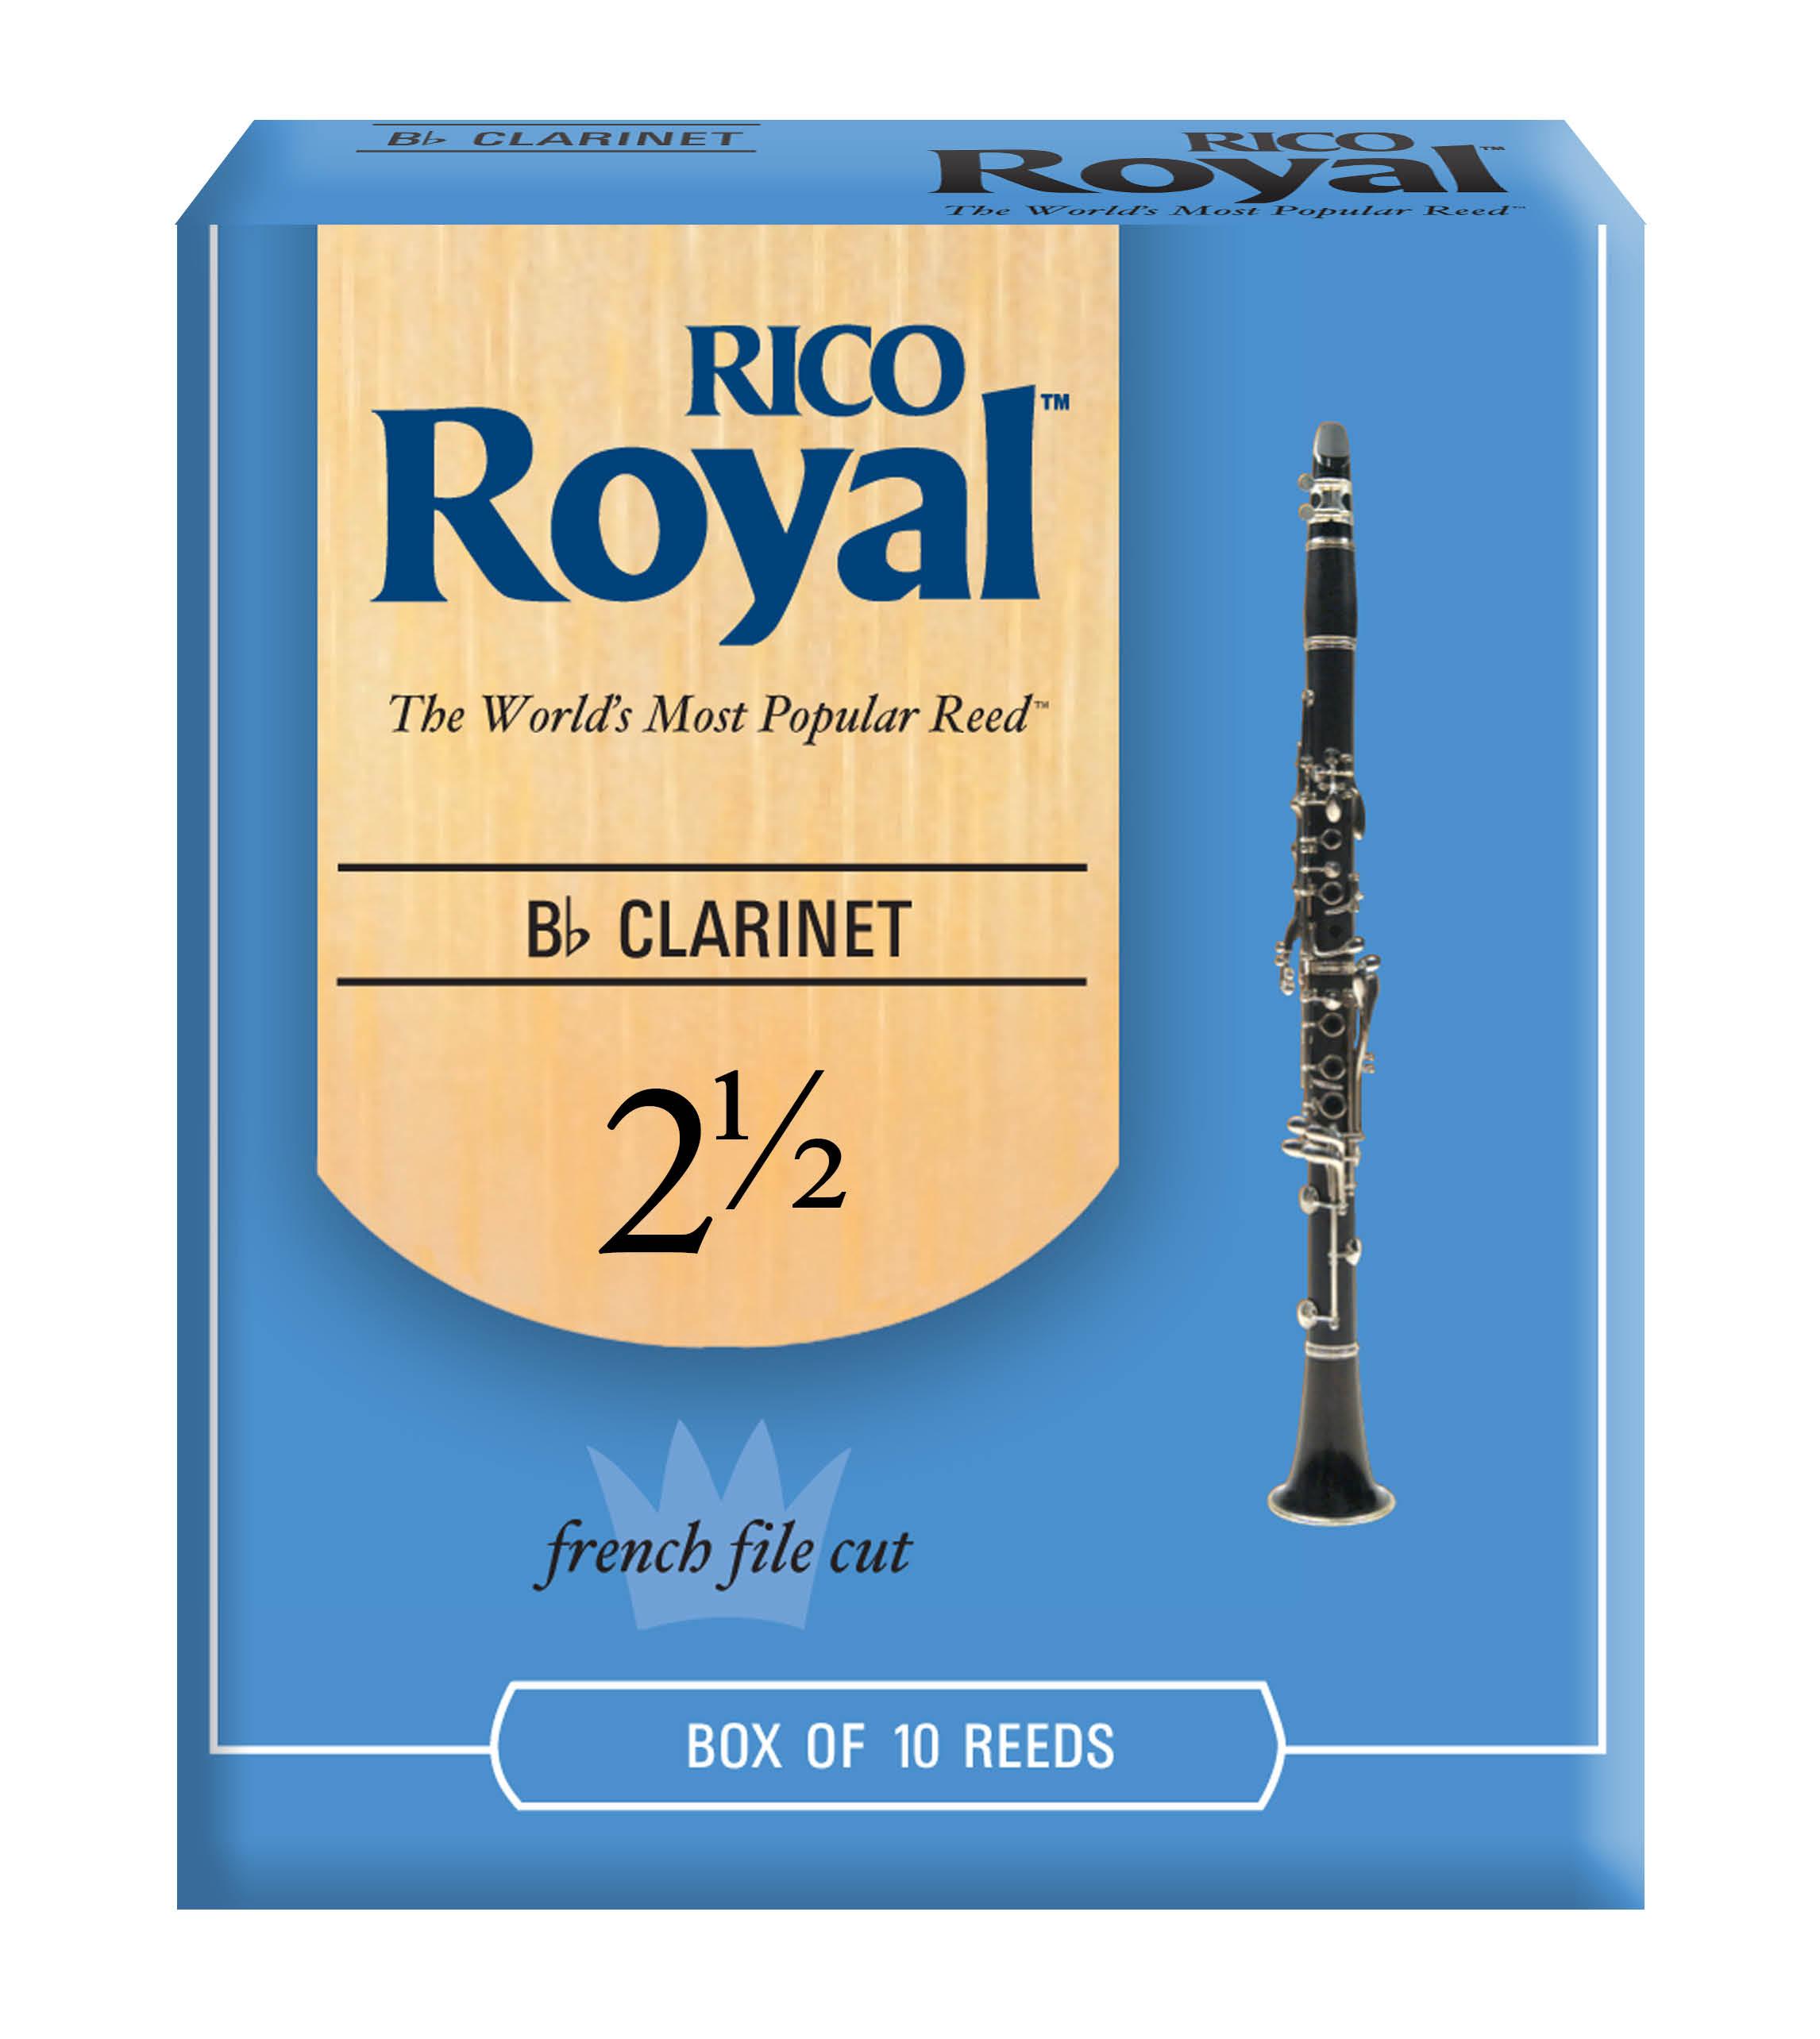 RICO ROYAL 2.5 CLARINET REED 10